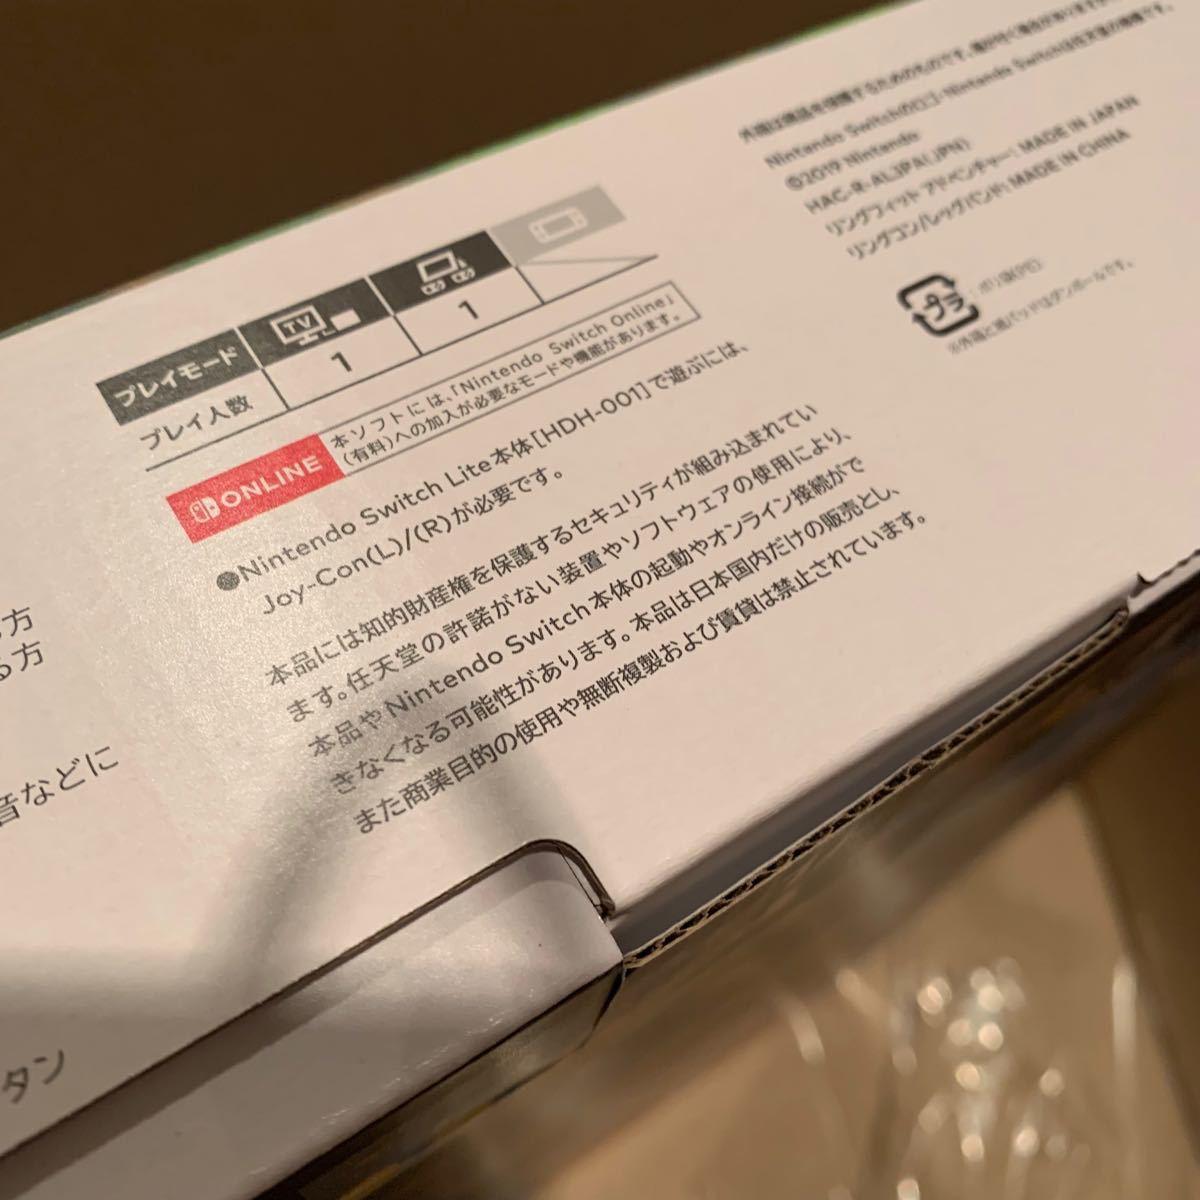 【新品未開封・送料無料】リングフィットアドベンチャー